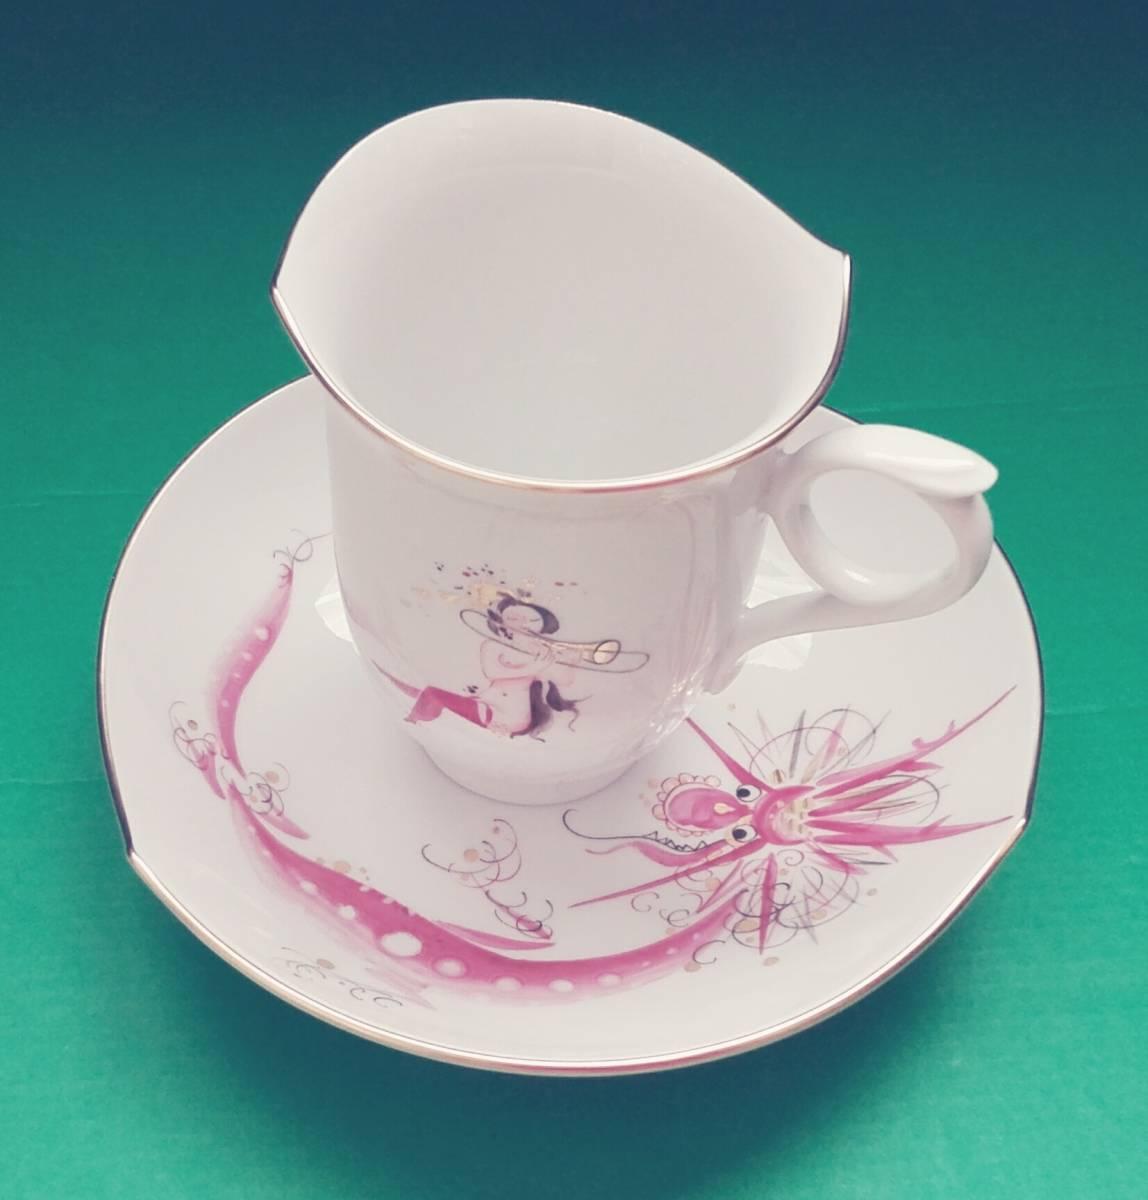 マイセンの人気コーヒーカップ&ソーサー 1客 新品未使用 送料無料